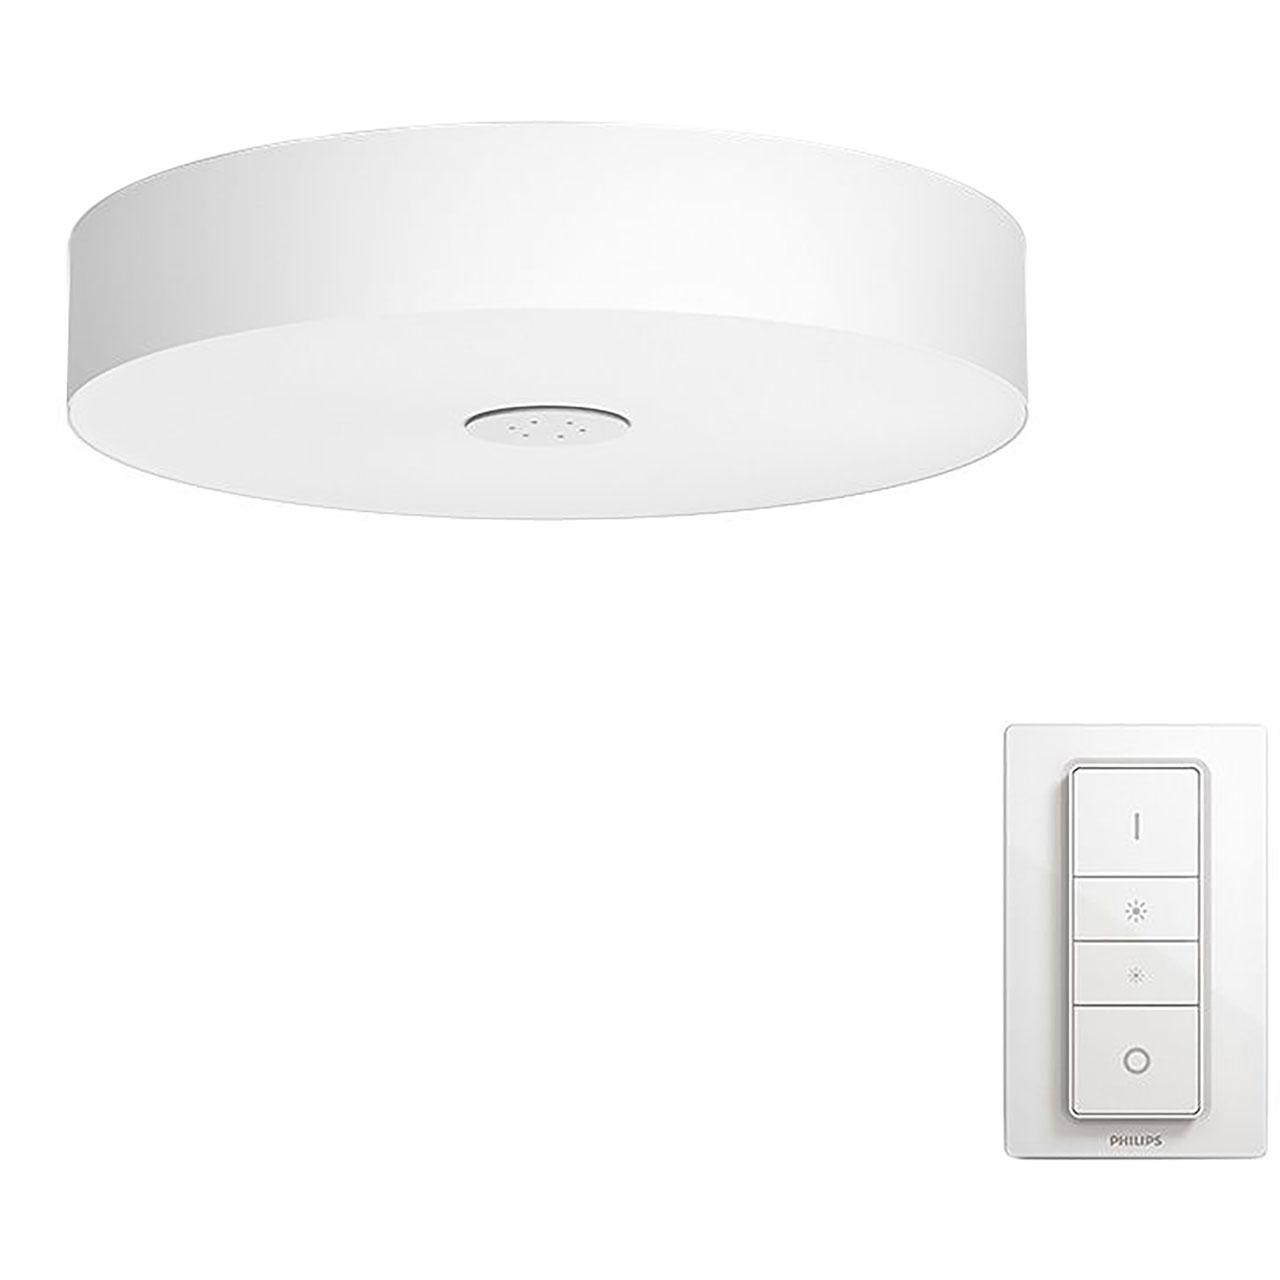 915005401801 | Philips Hue Ceiling Light | White | ao.com